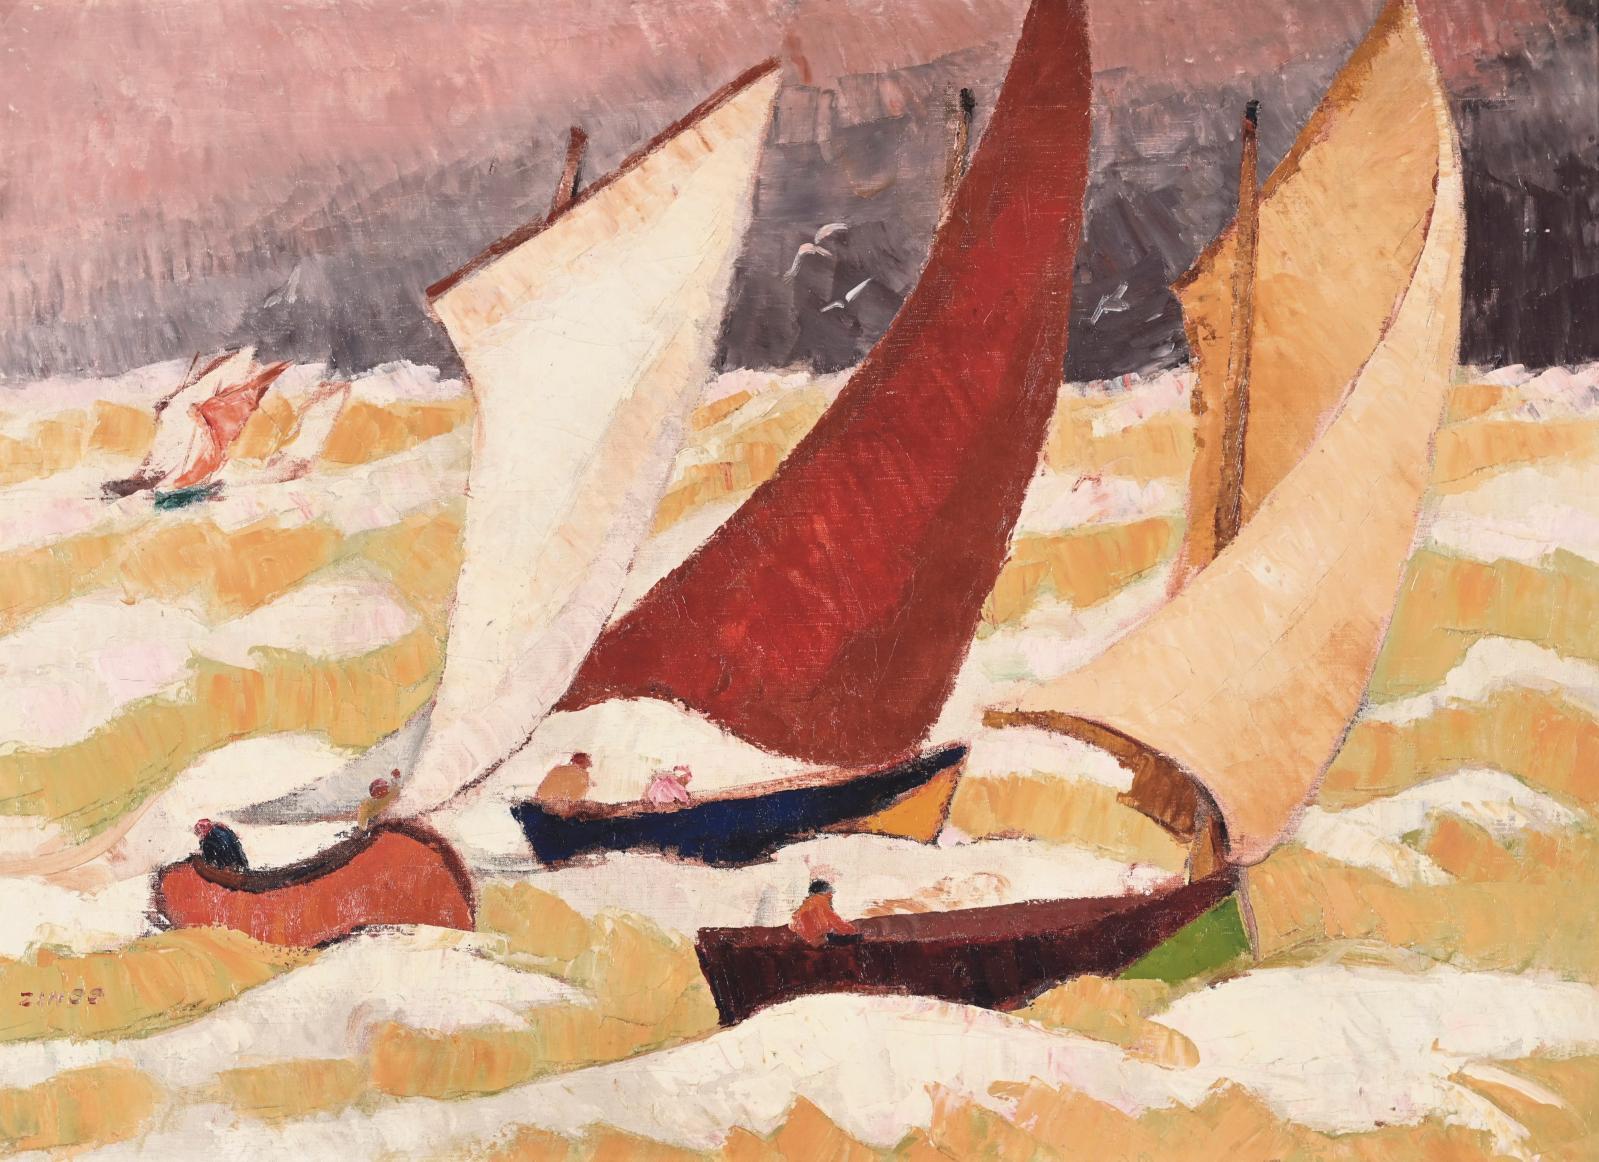 Jules-Émile Zingg (1882-1942), La Voile rouge, vers 1923, huile sur toile, 73x100cm. Adjugé : 33480€